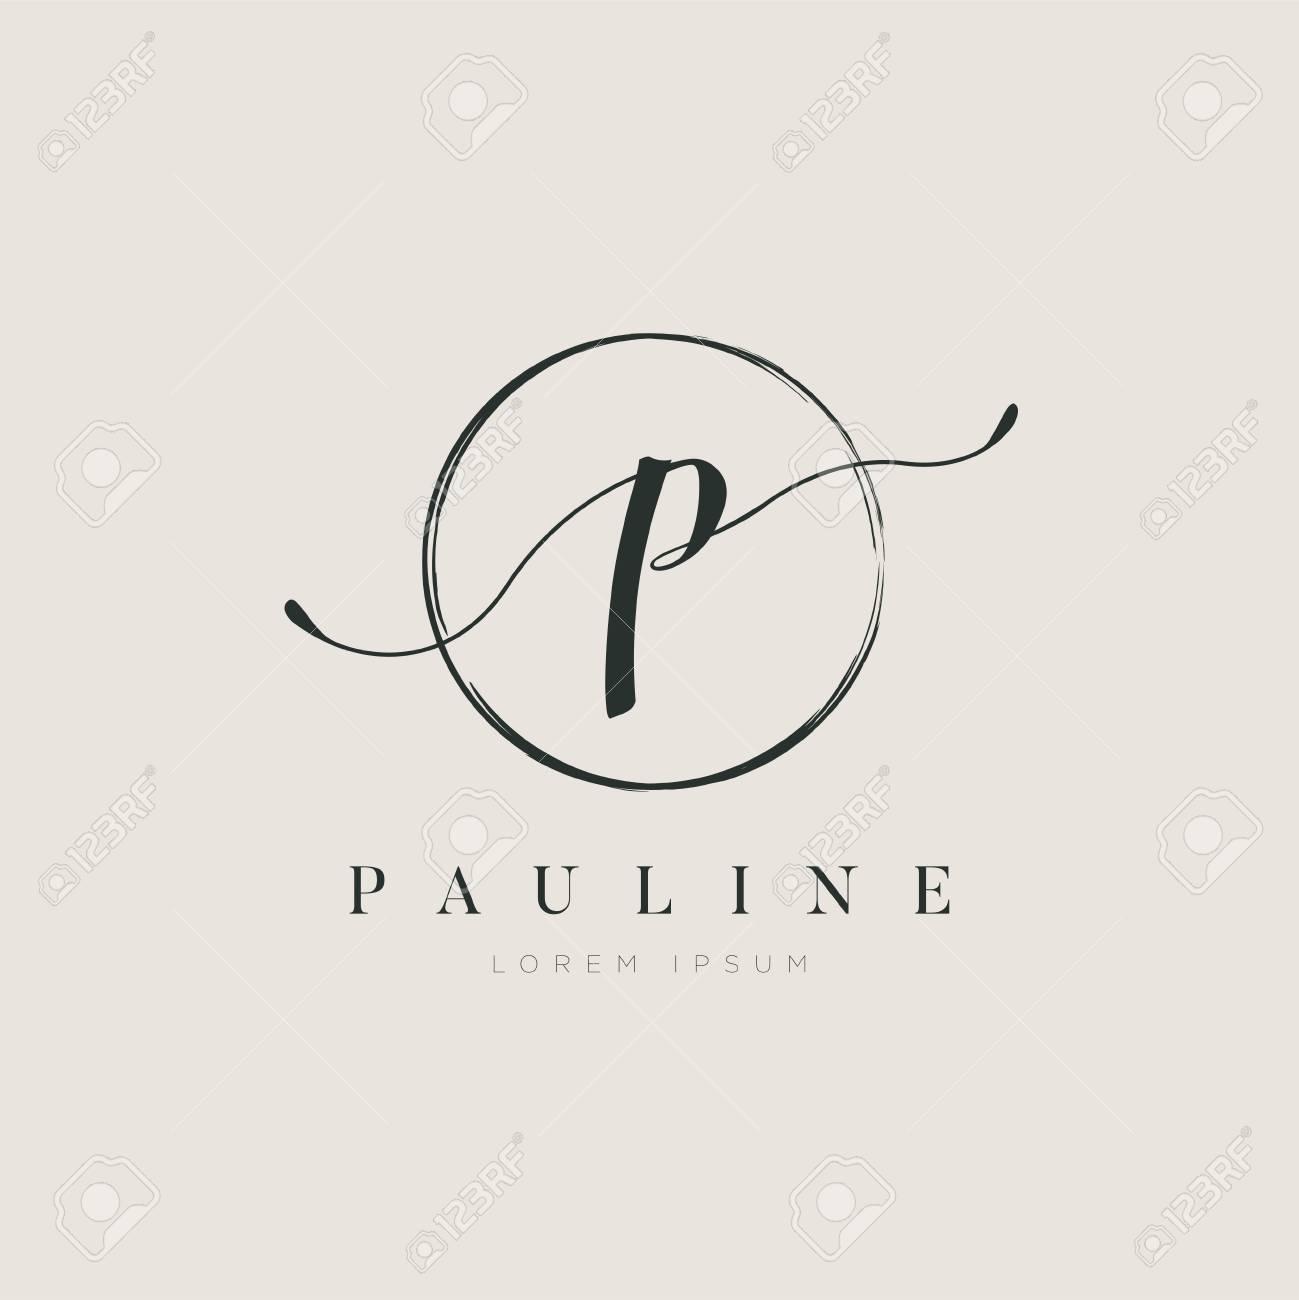 Simple Elegant Initial Letter Type P Logo Design - 125122877